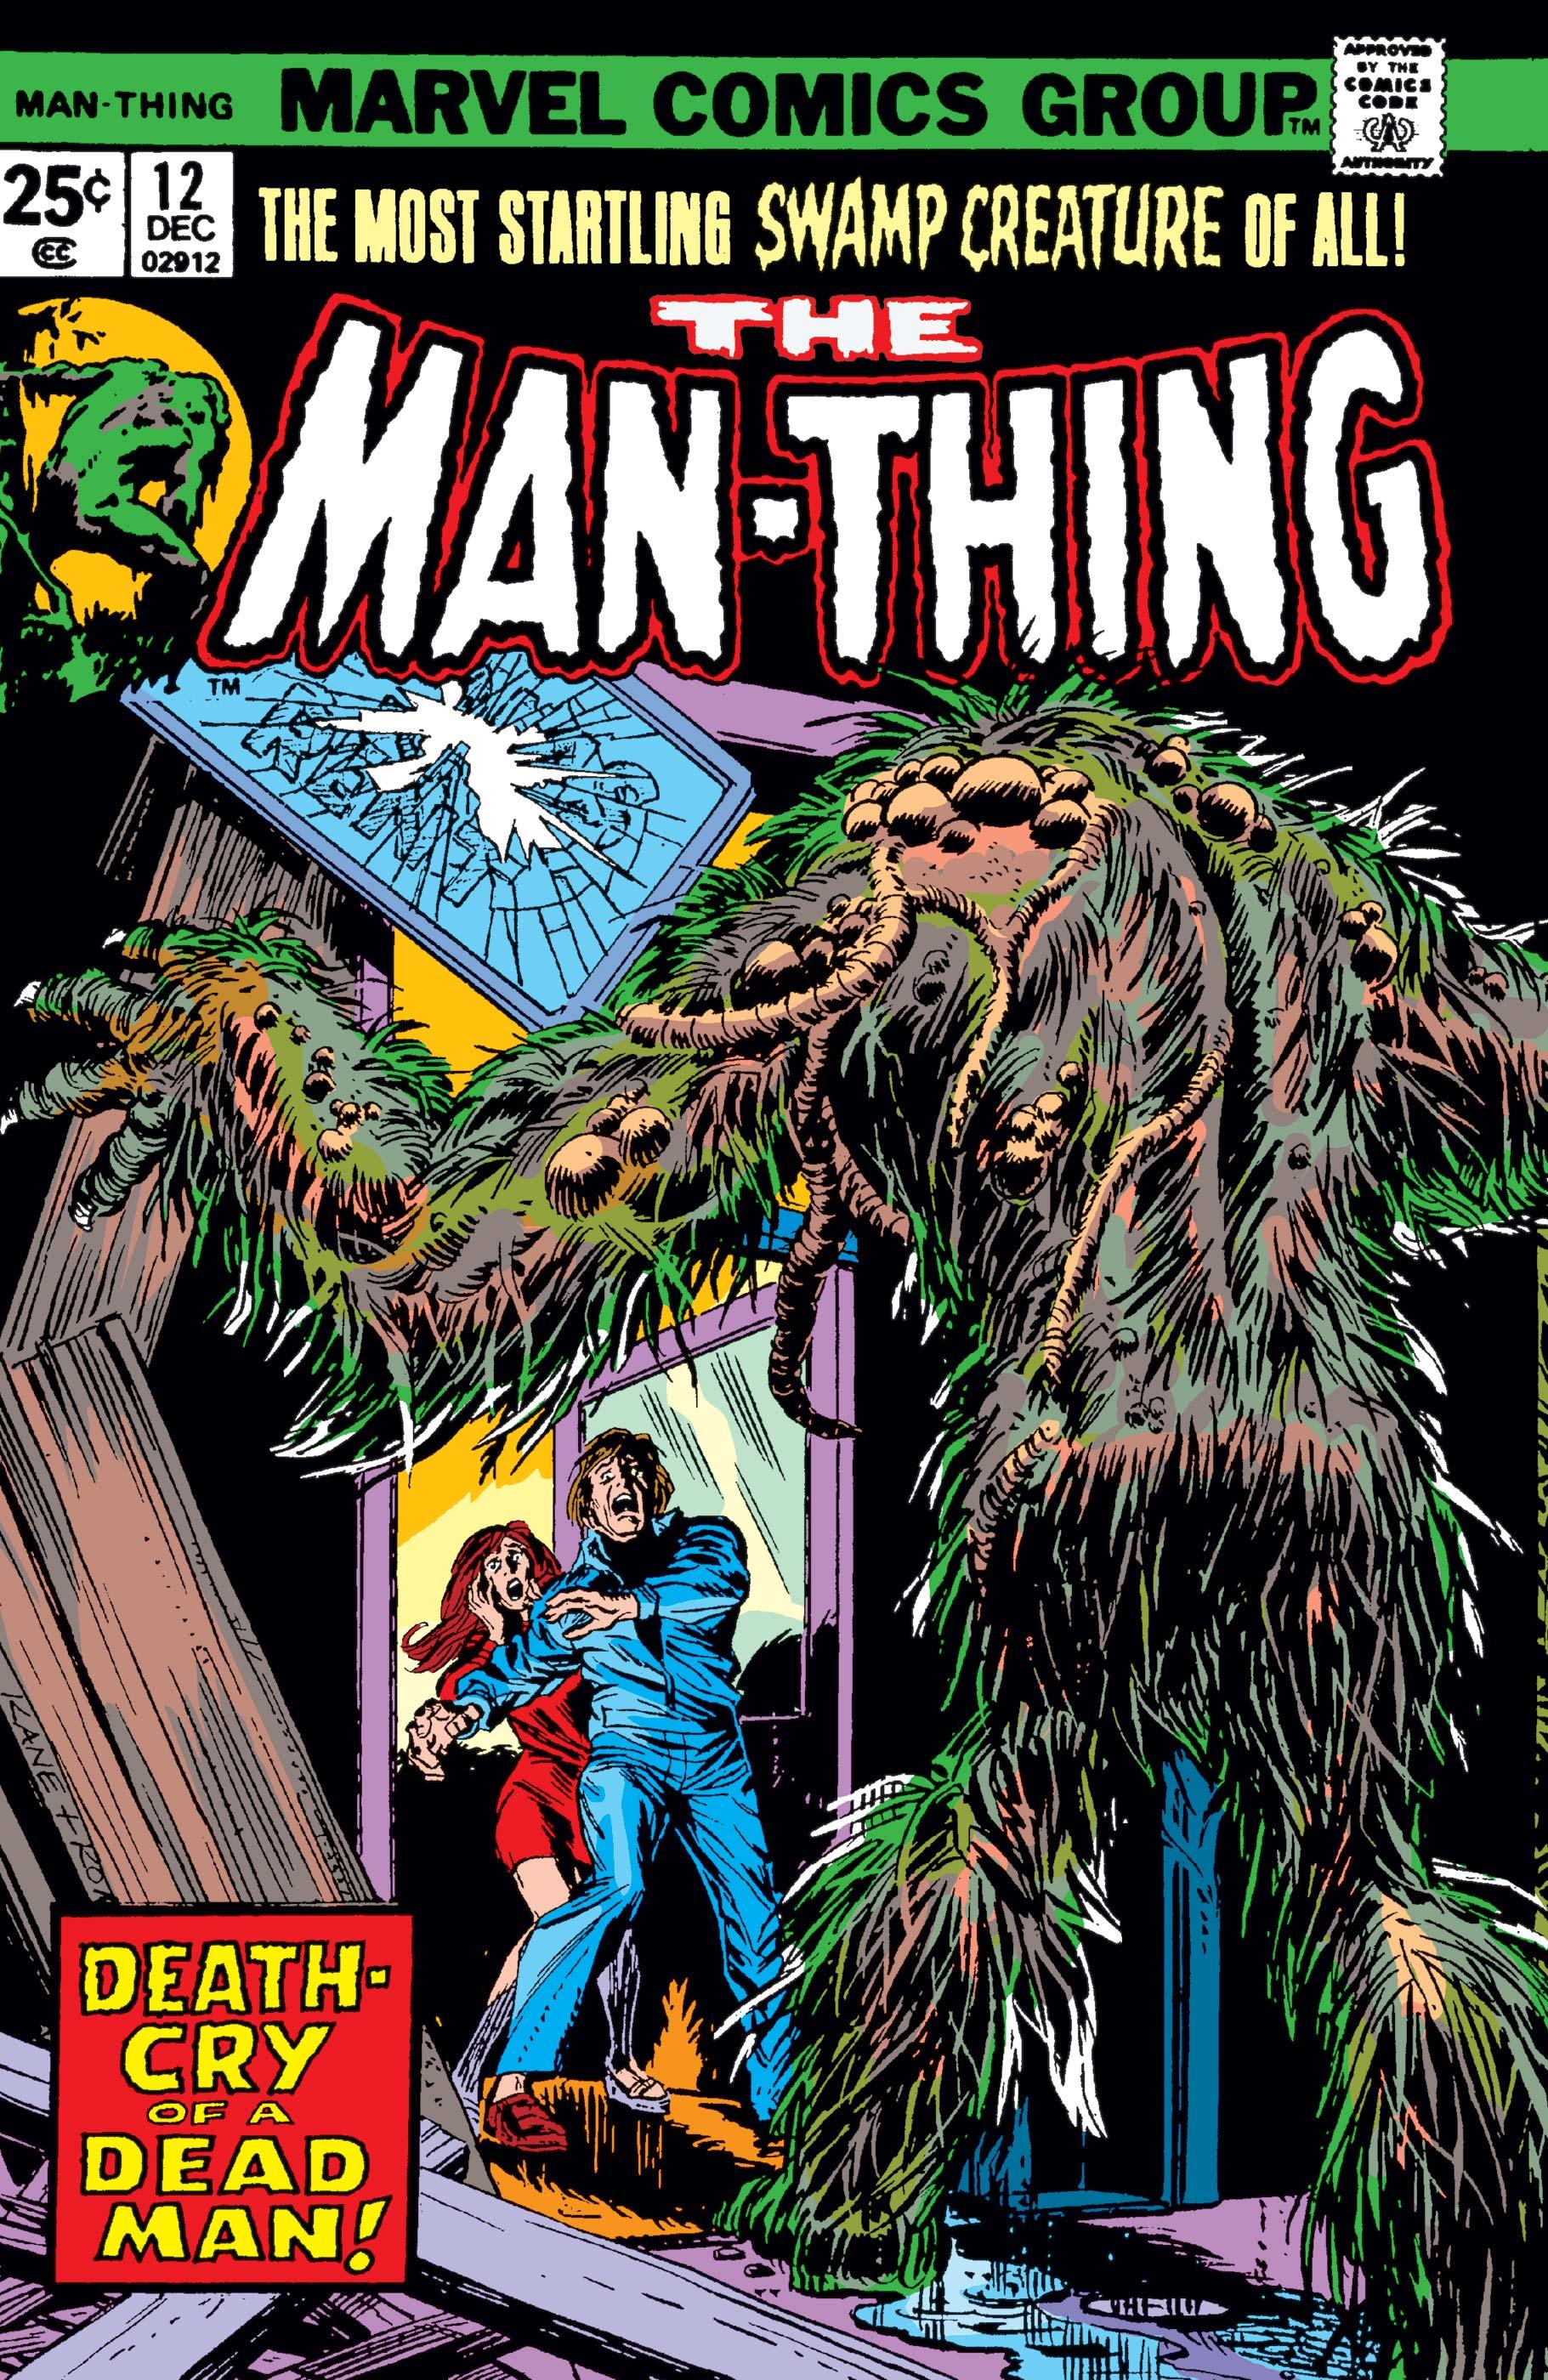 Man-Thing (1974) #12